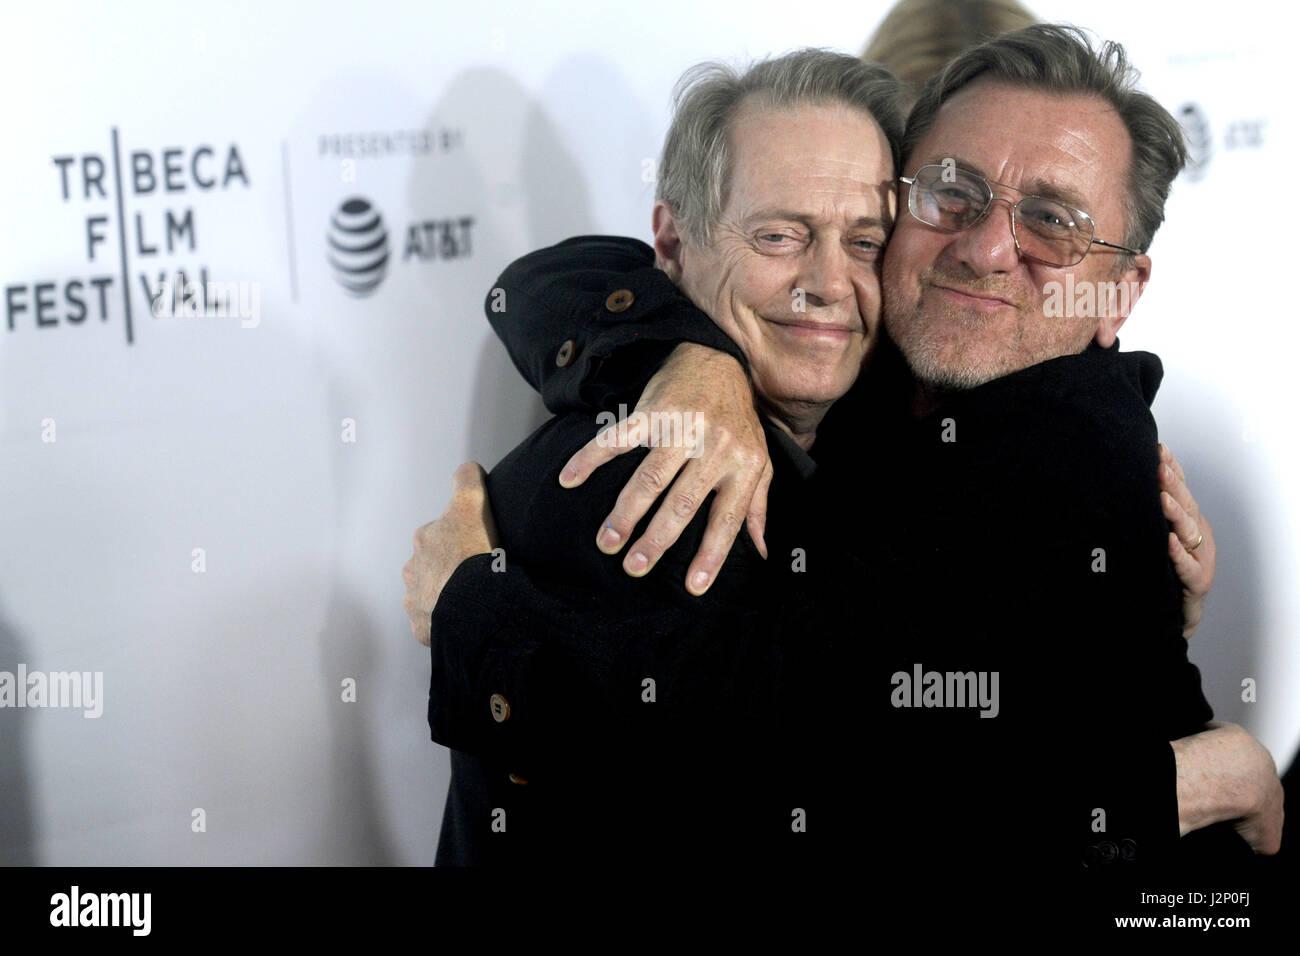 La ville de New York. Apr 28, 2017. Steve Buscemi et Tim Roth assister à la 'Reservoir Dogs' 25e anniversaire Photo Stock